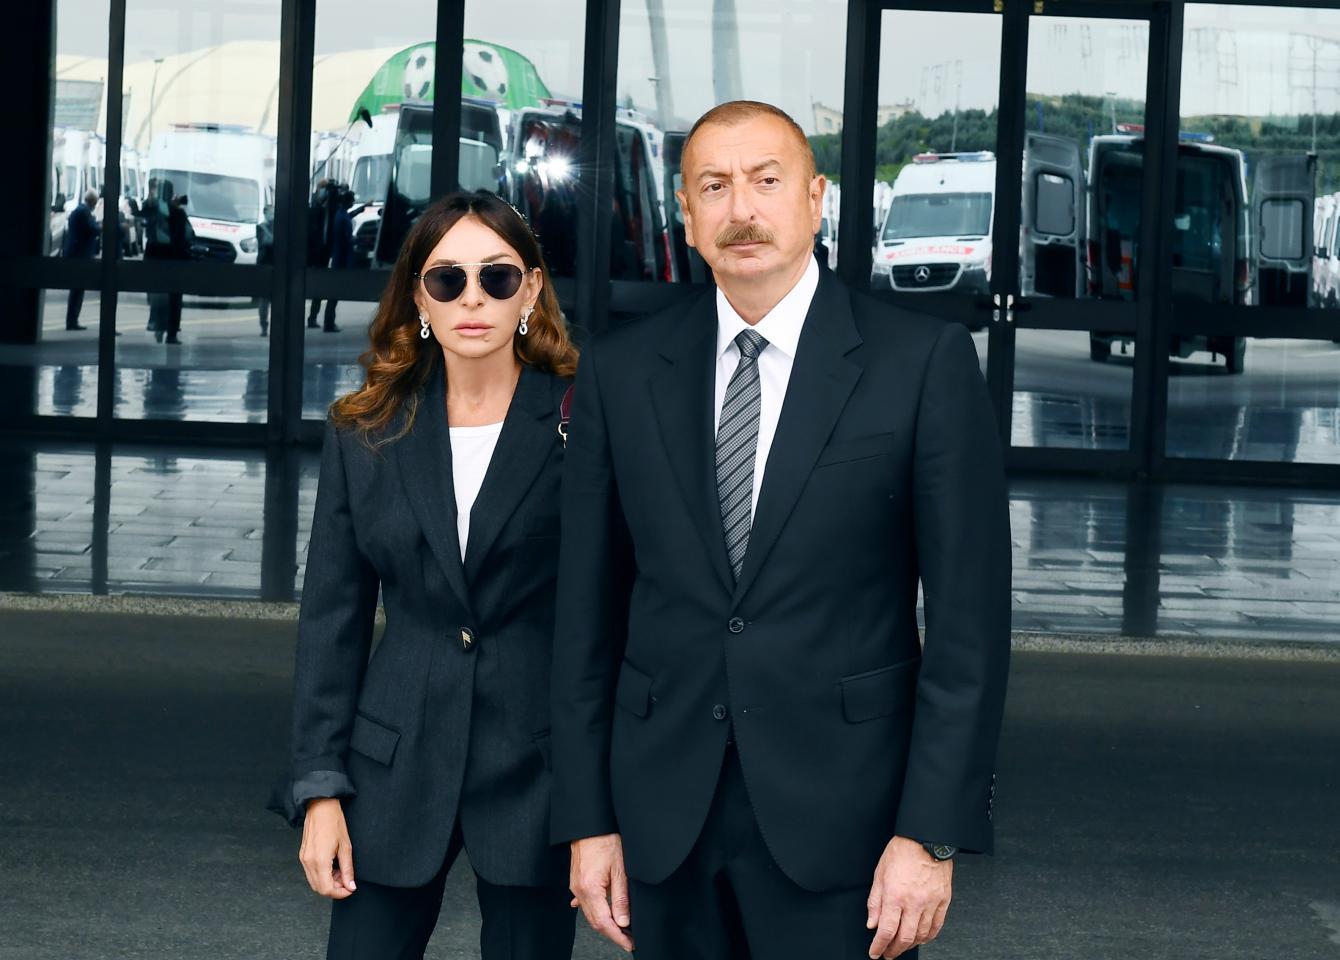 Prezident və birinci vitse-prezident yeni gətirilən təcili yardım avtomobilləri ilə tanış olublar